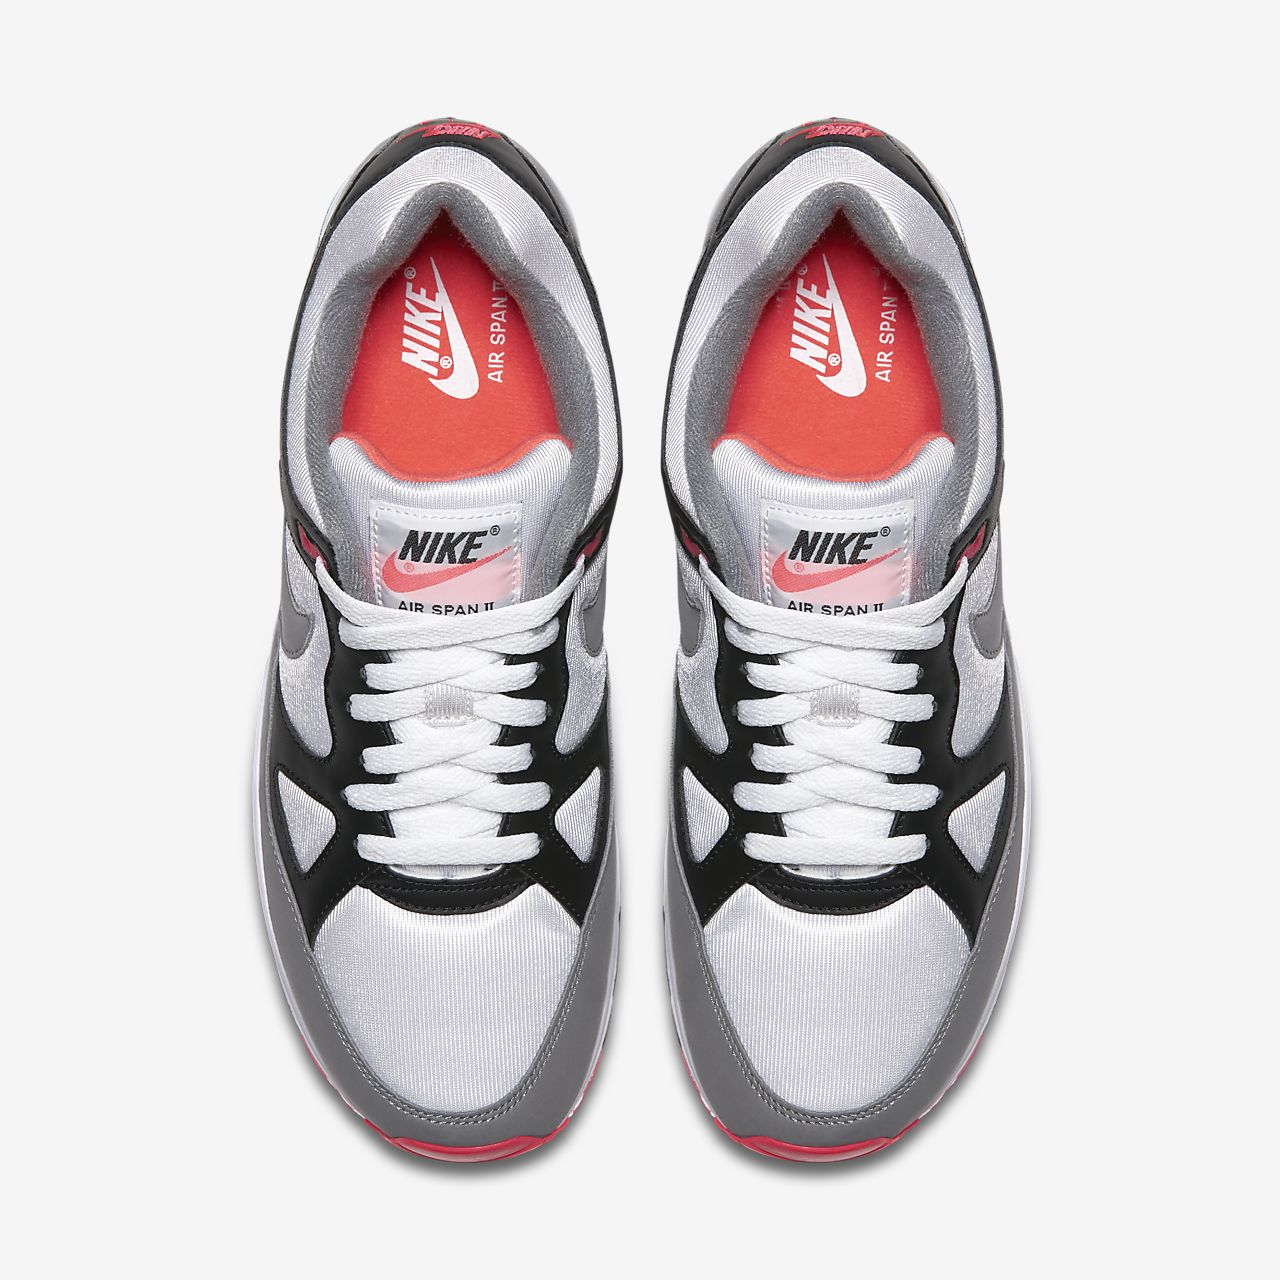 Kondisko Nike Kvinder Mænd Air Span Ii Sort Dust Nike